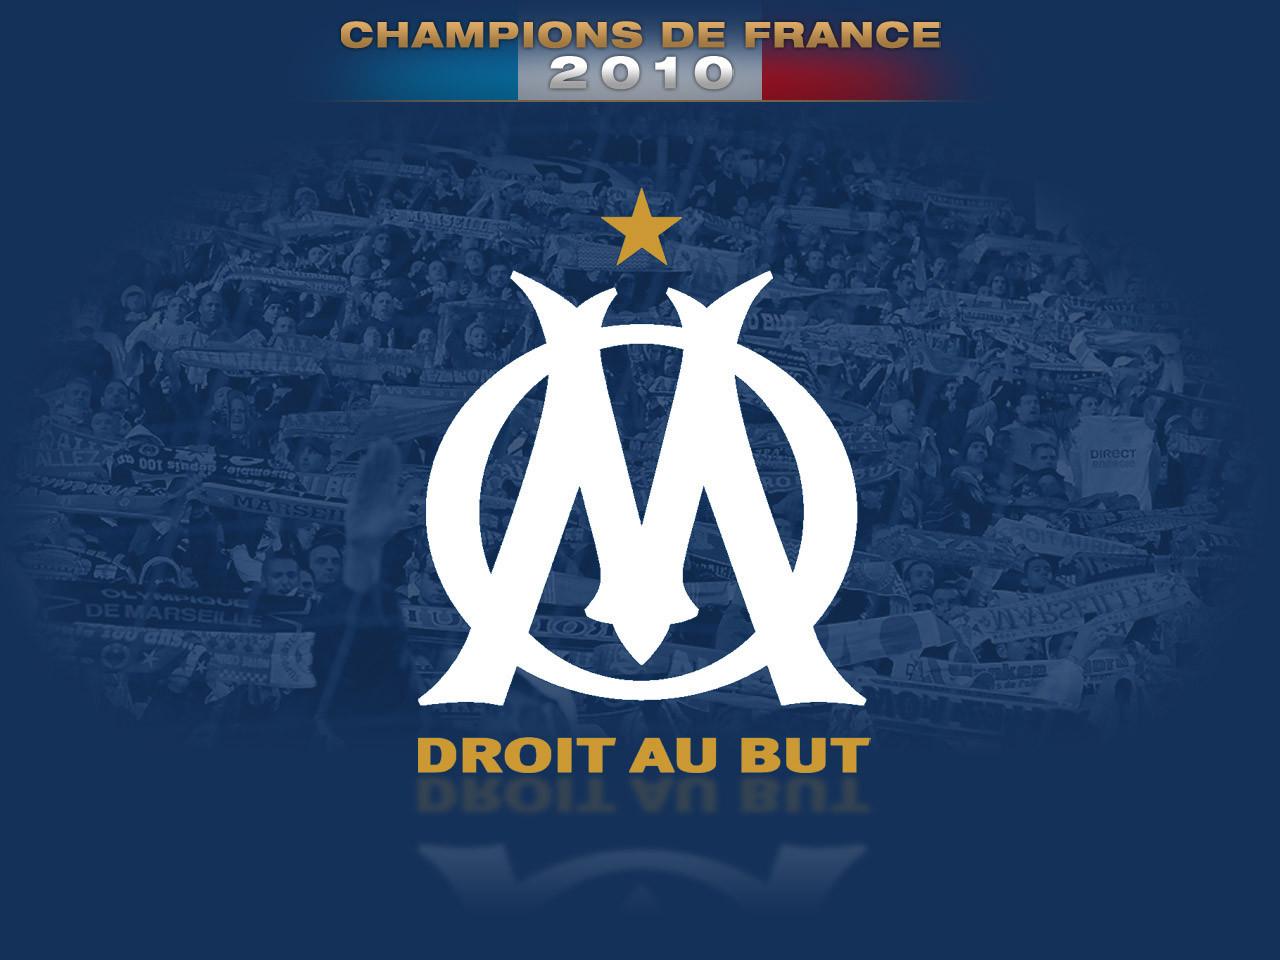 Television Om Voir Le Match Zilina Olympique De Marseille En Video Direct Streaming Football Suisse Ligues Des Champions Europa League Et Euro 2012